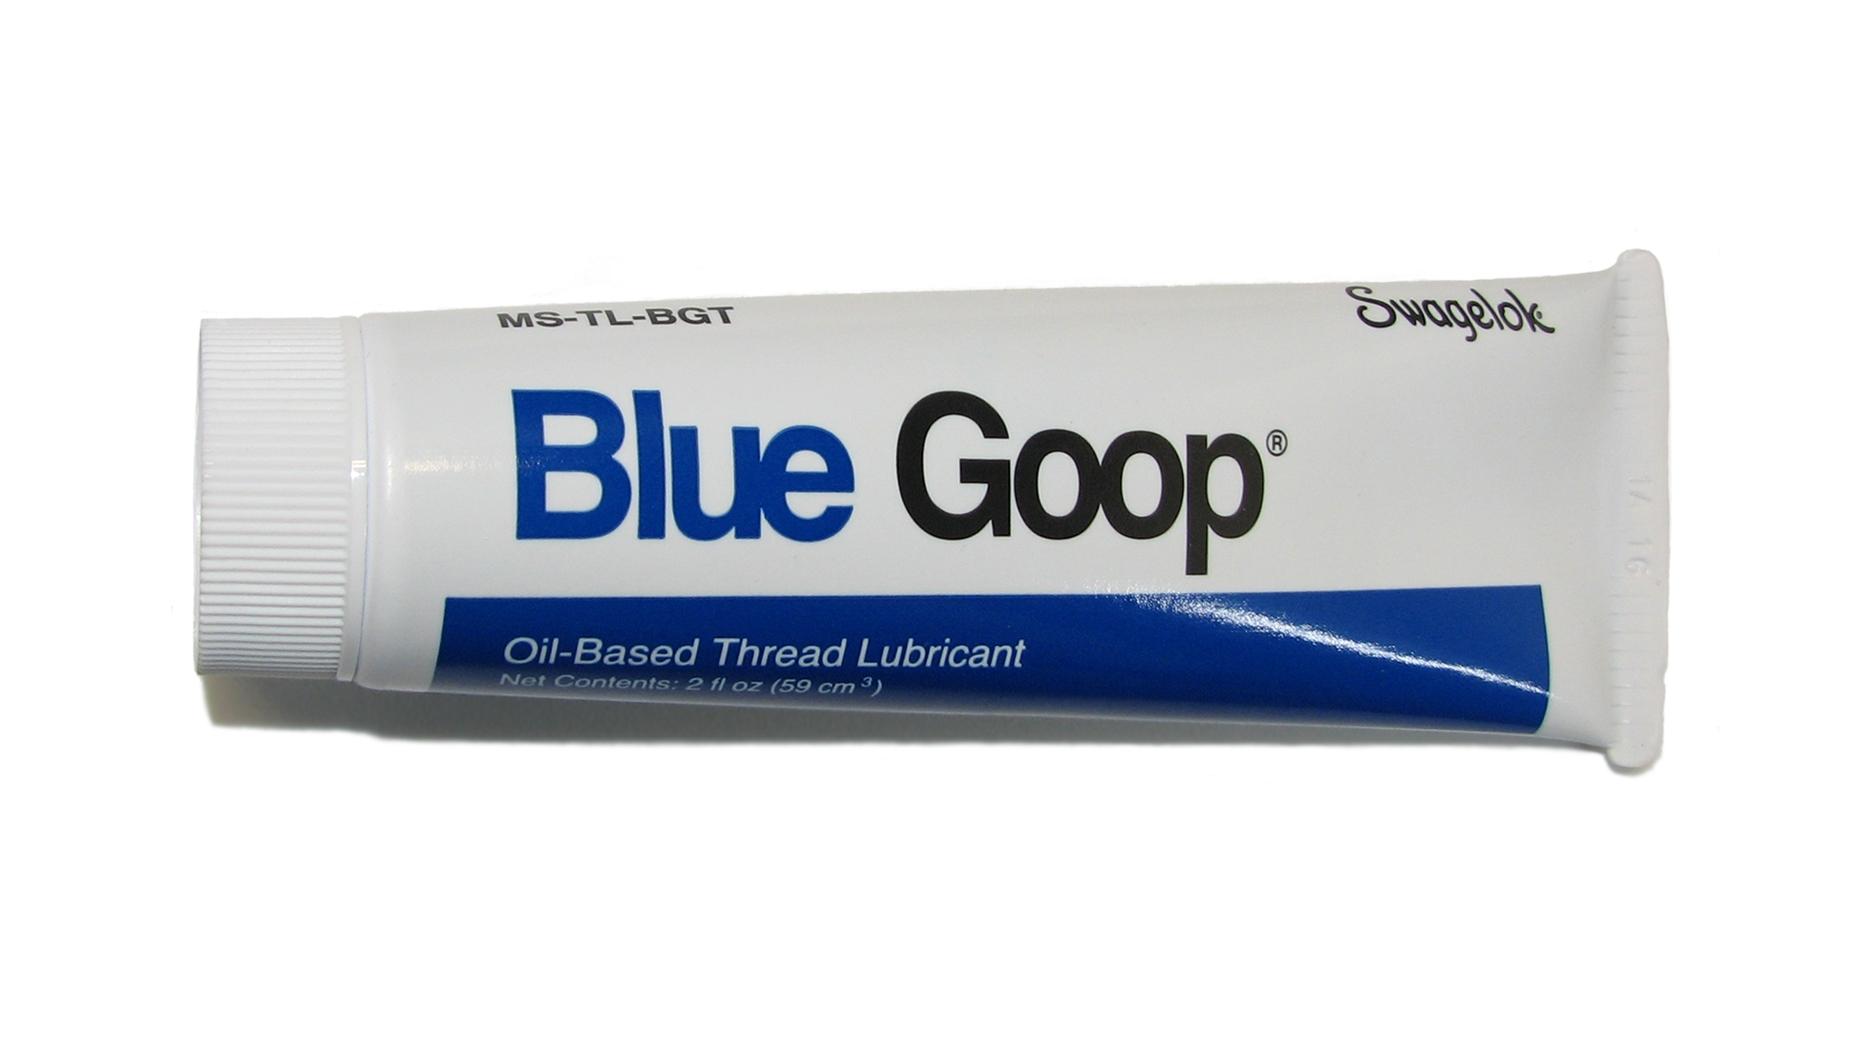 BlueGoop-1.jpg